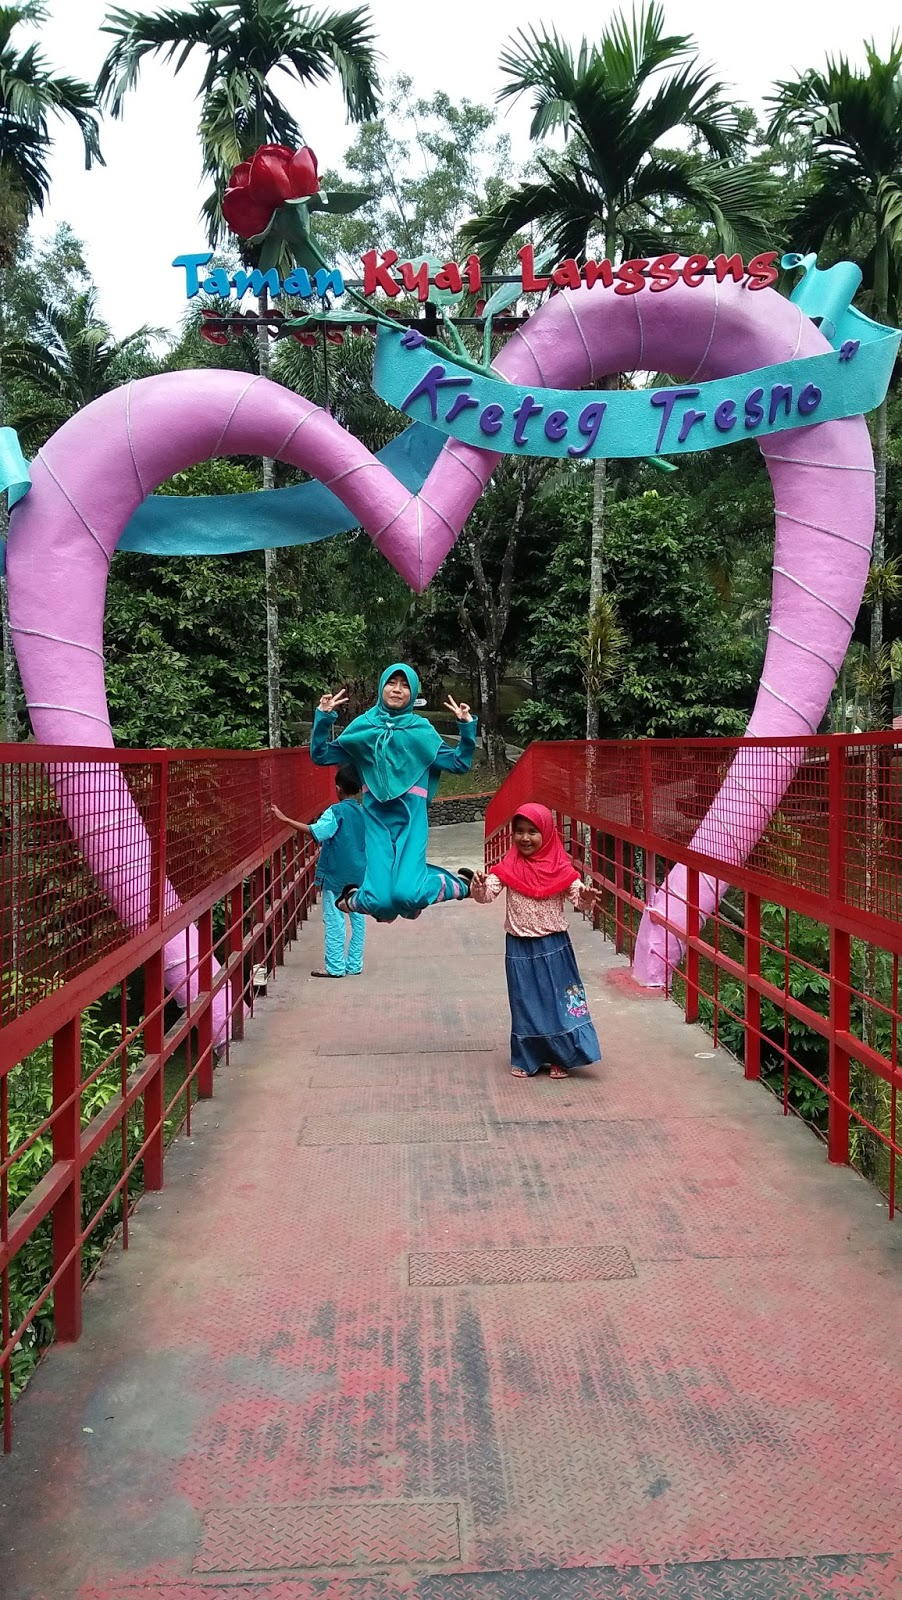 Jembatan Cinta Kreteg Tresno Magelang Taman Wisata Kyai Langgeng Kota